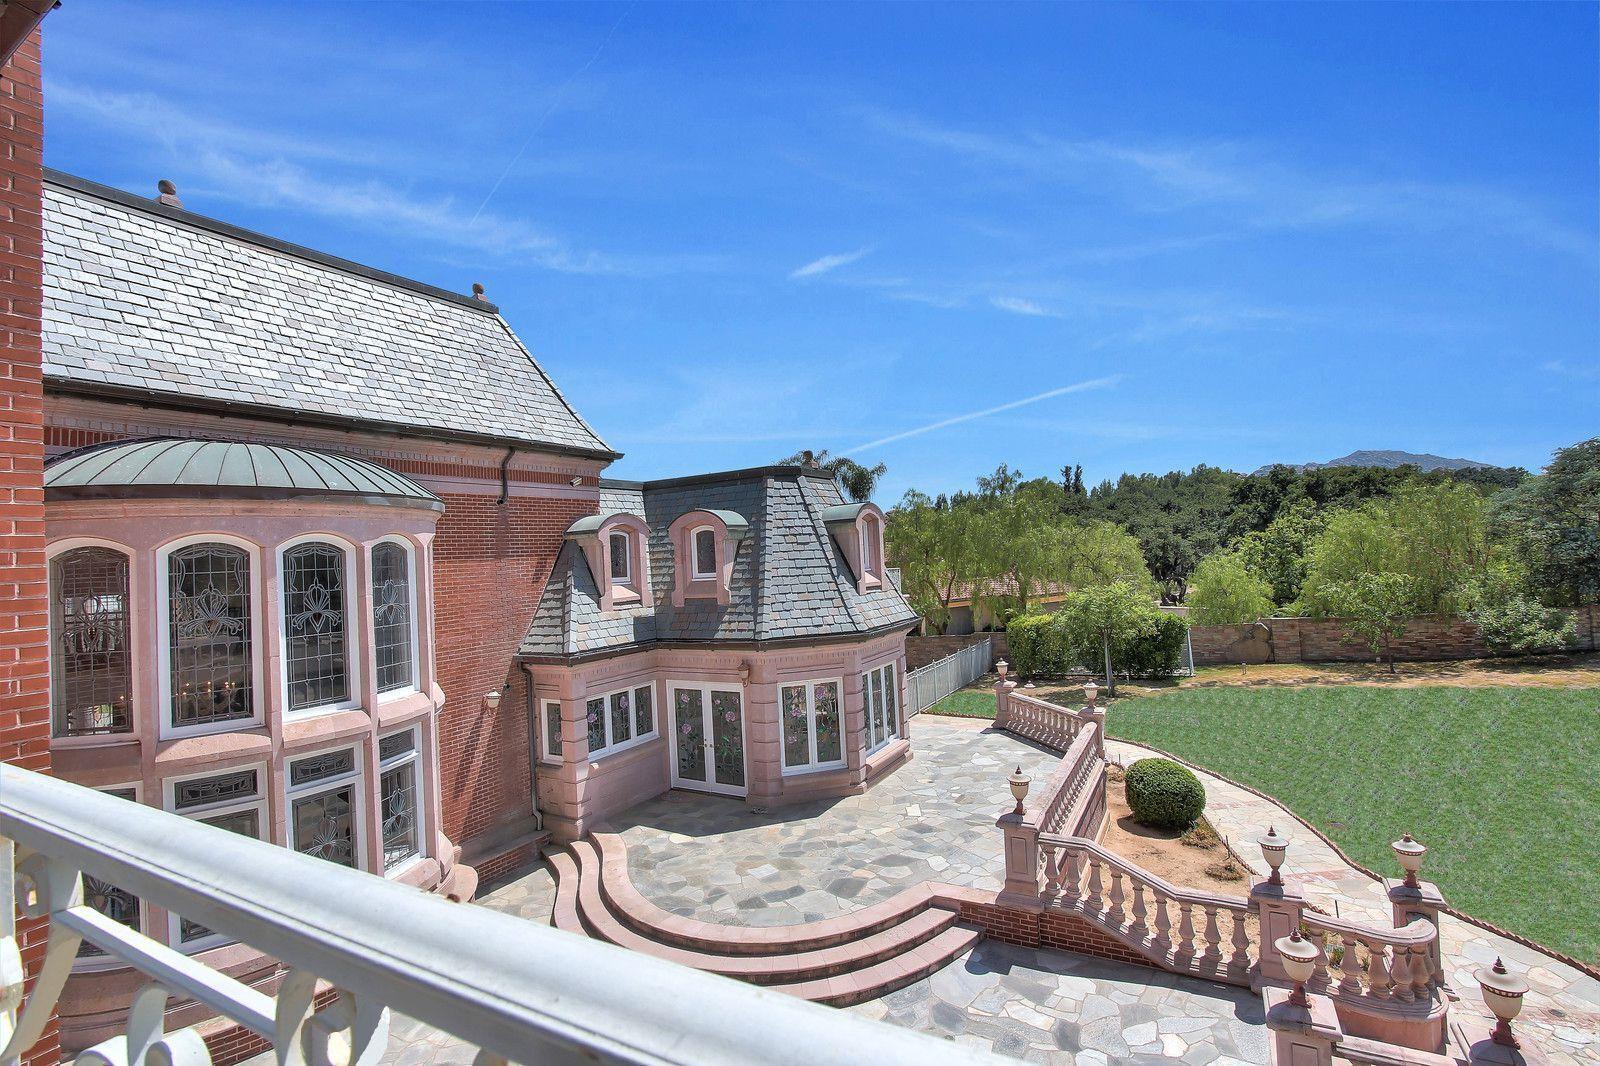 加州Chatsworth顶级豪宅内部设计奢华漂亮,空间开阔舒适,气派非凡